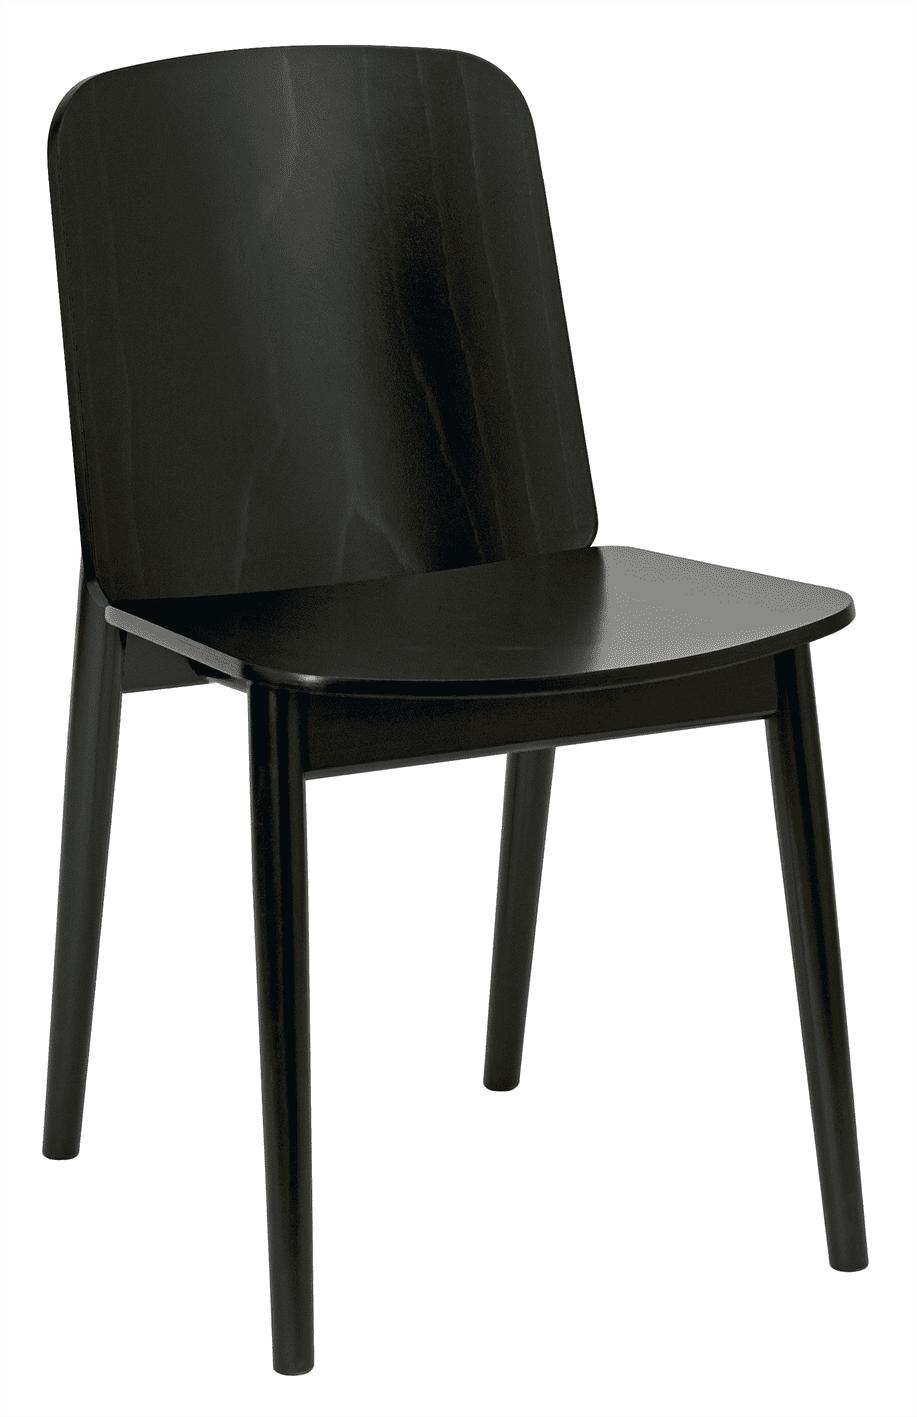 Pinner side chair veneer seat & back raw